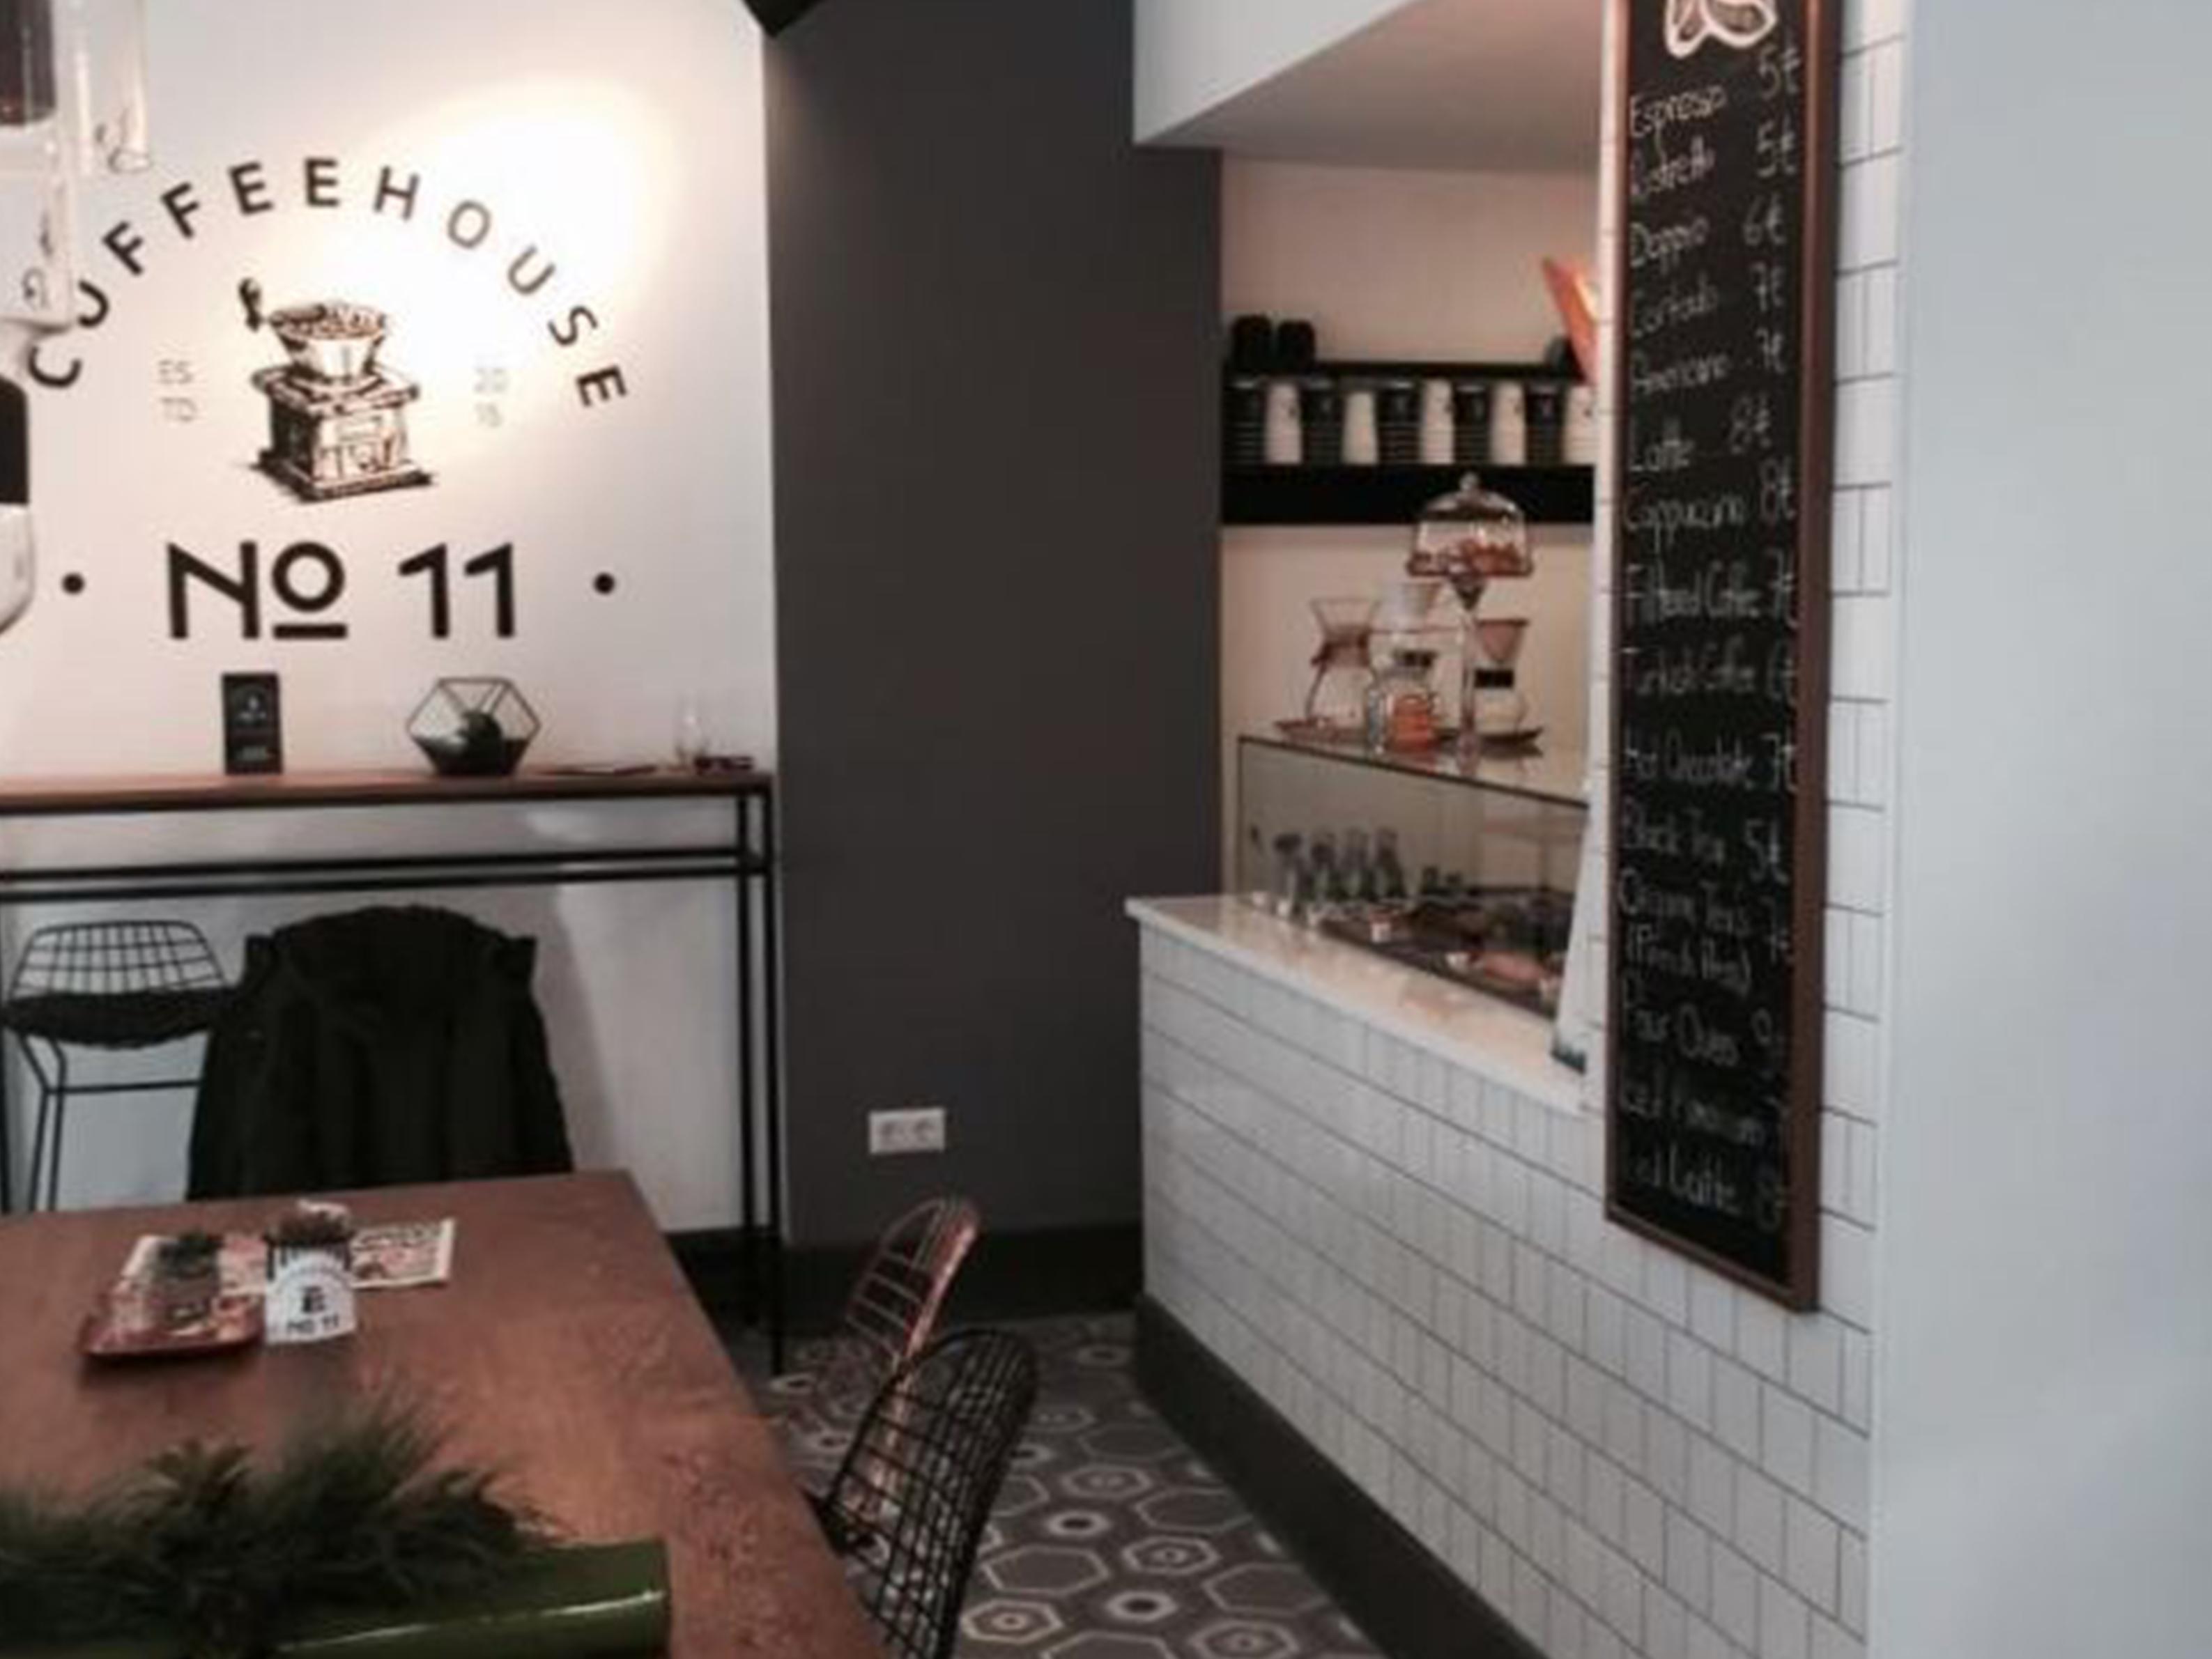 Cafe Beyazıt